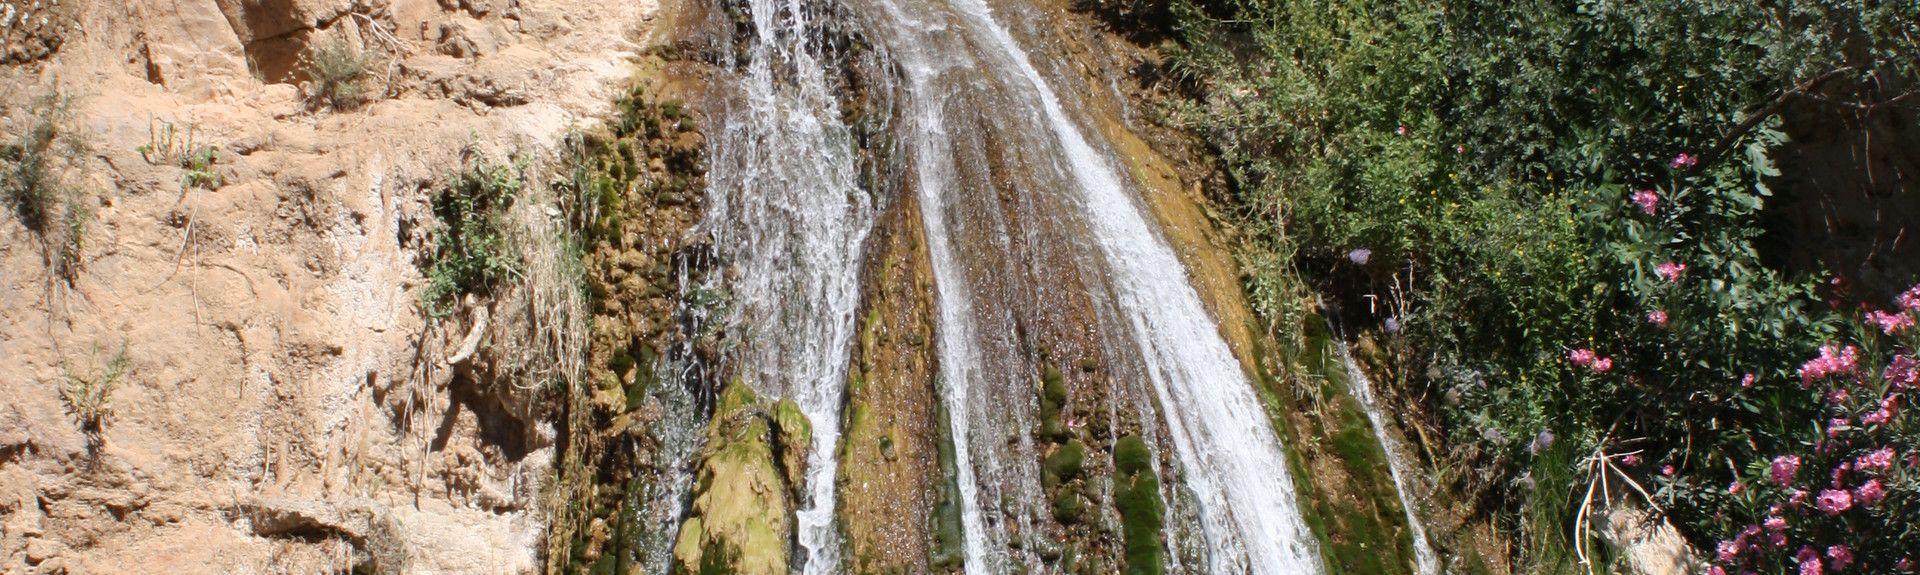 Huetor-Tajar, Andalusia, Spain